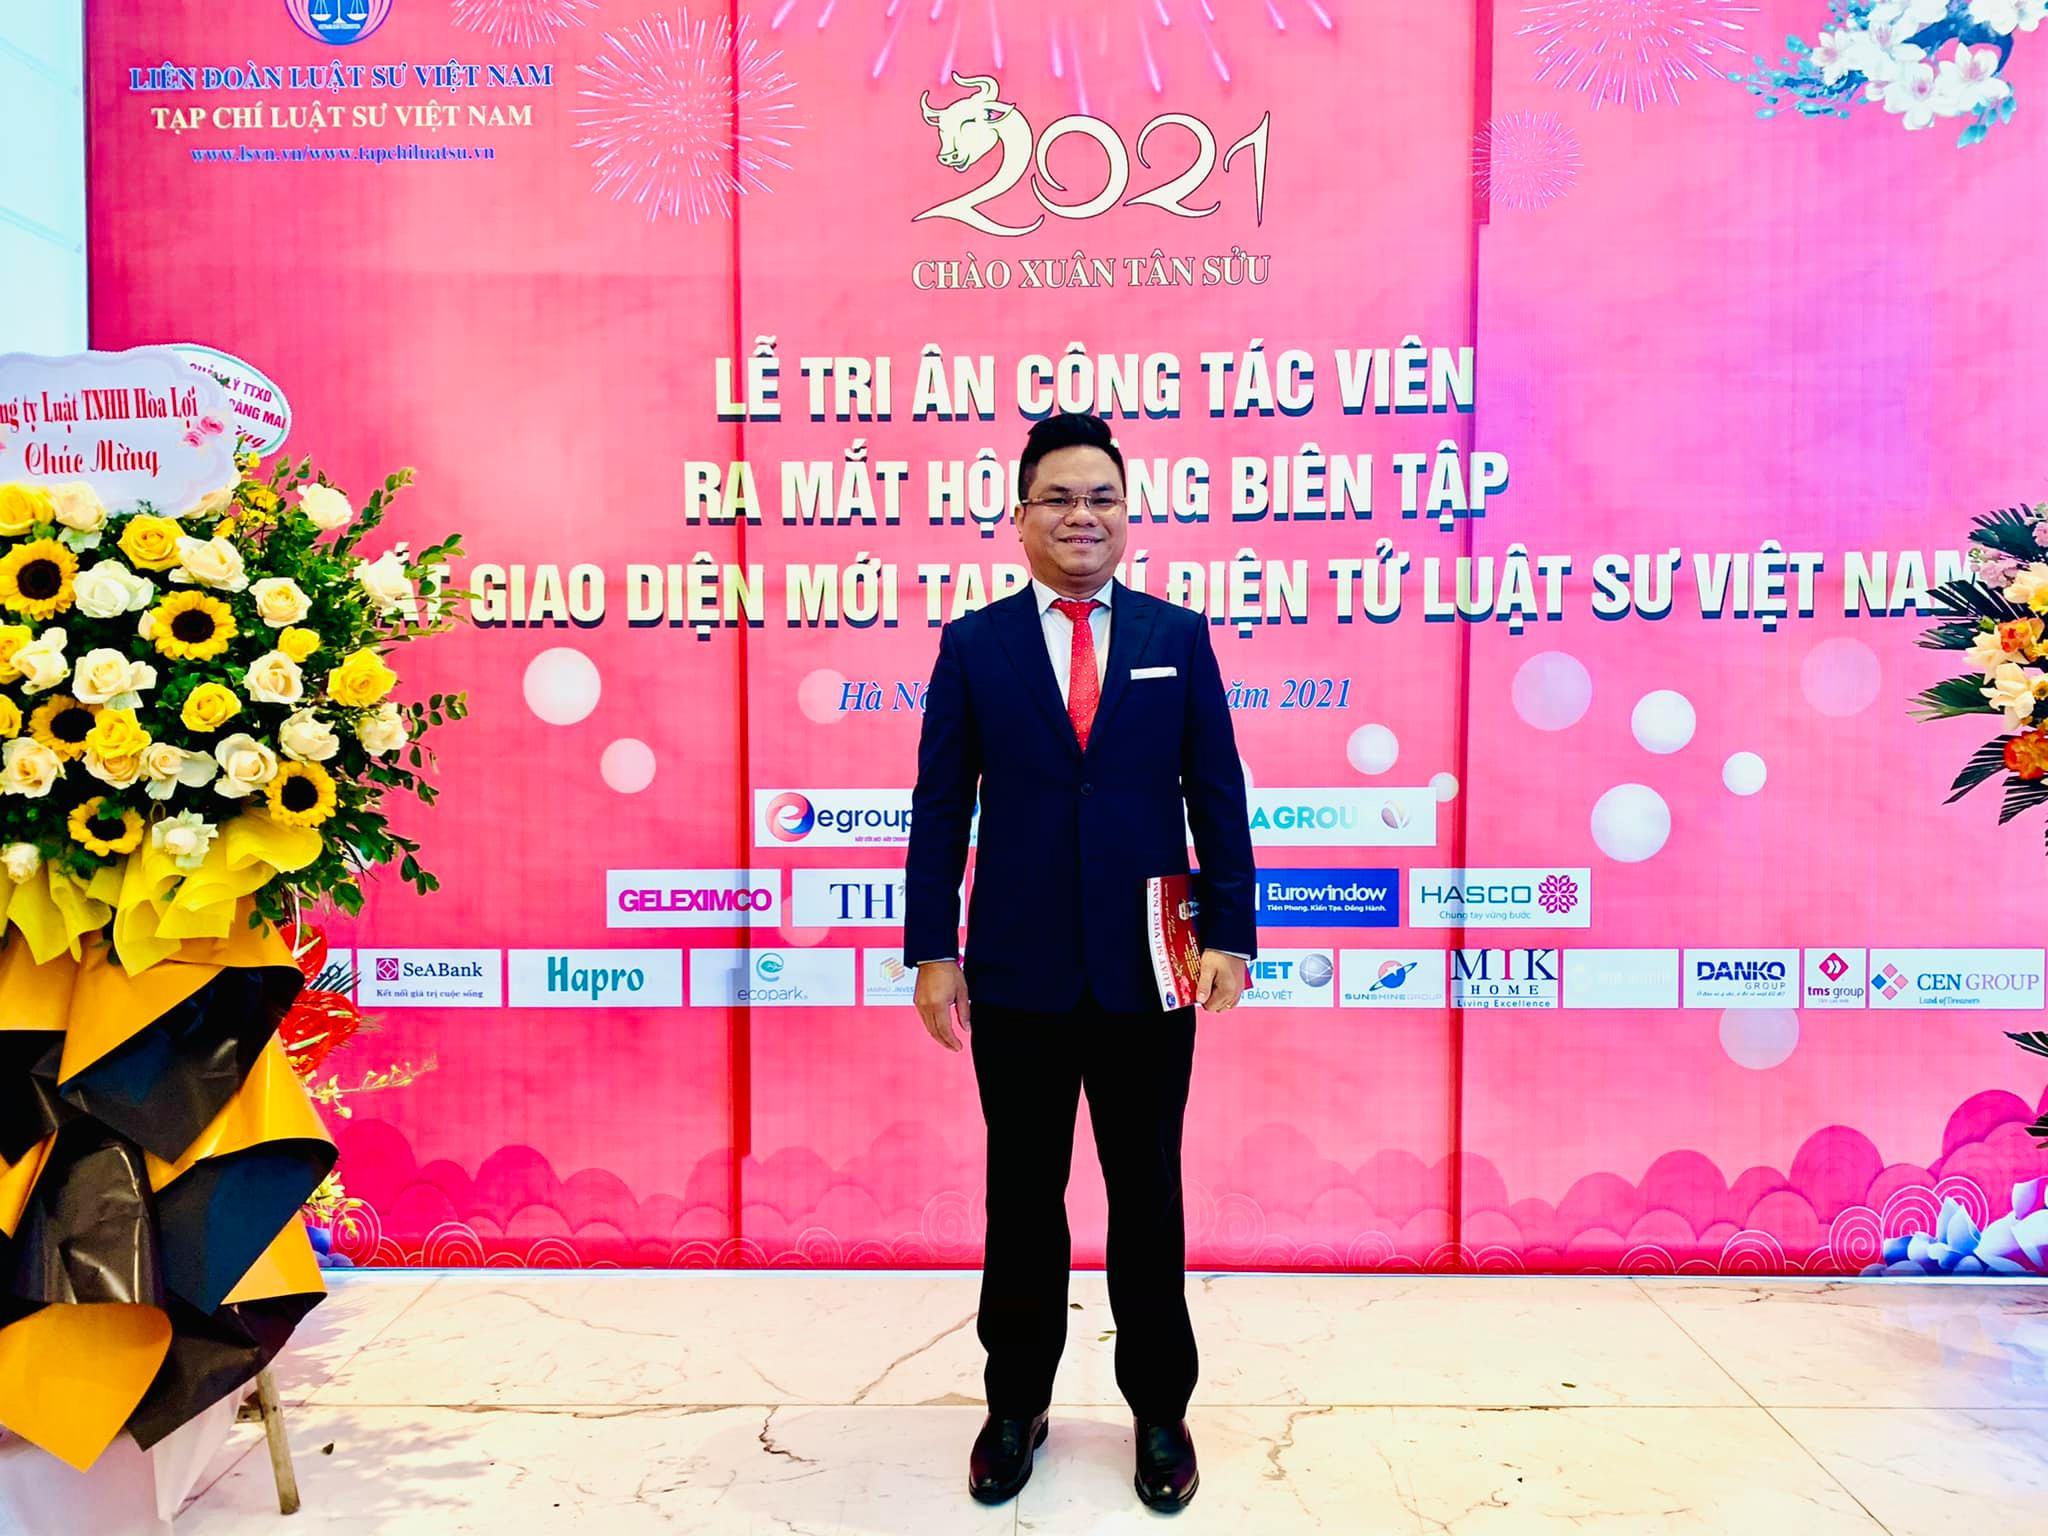 Luật sư Nguyễn Thanh Hà tham dự lễ ra mắt giao diện mới tạp chí luật sư Việt Nam